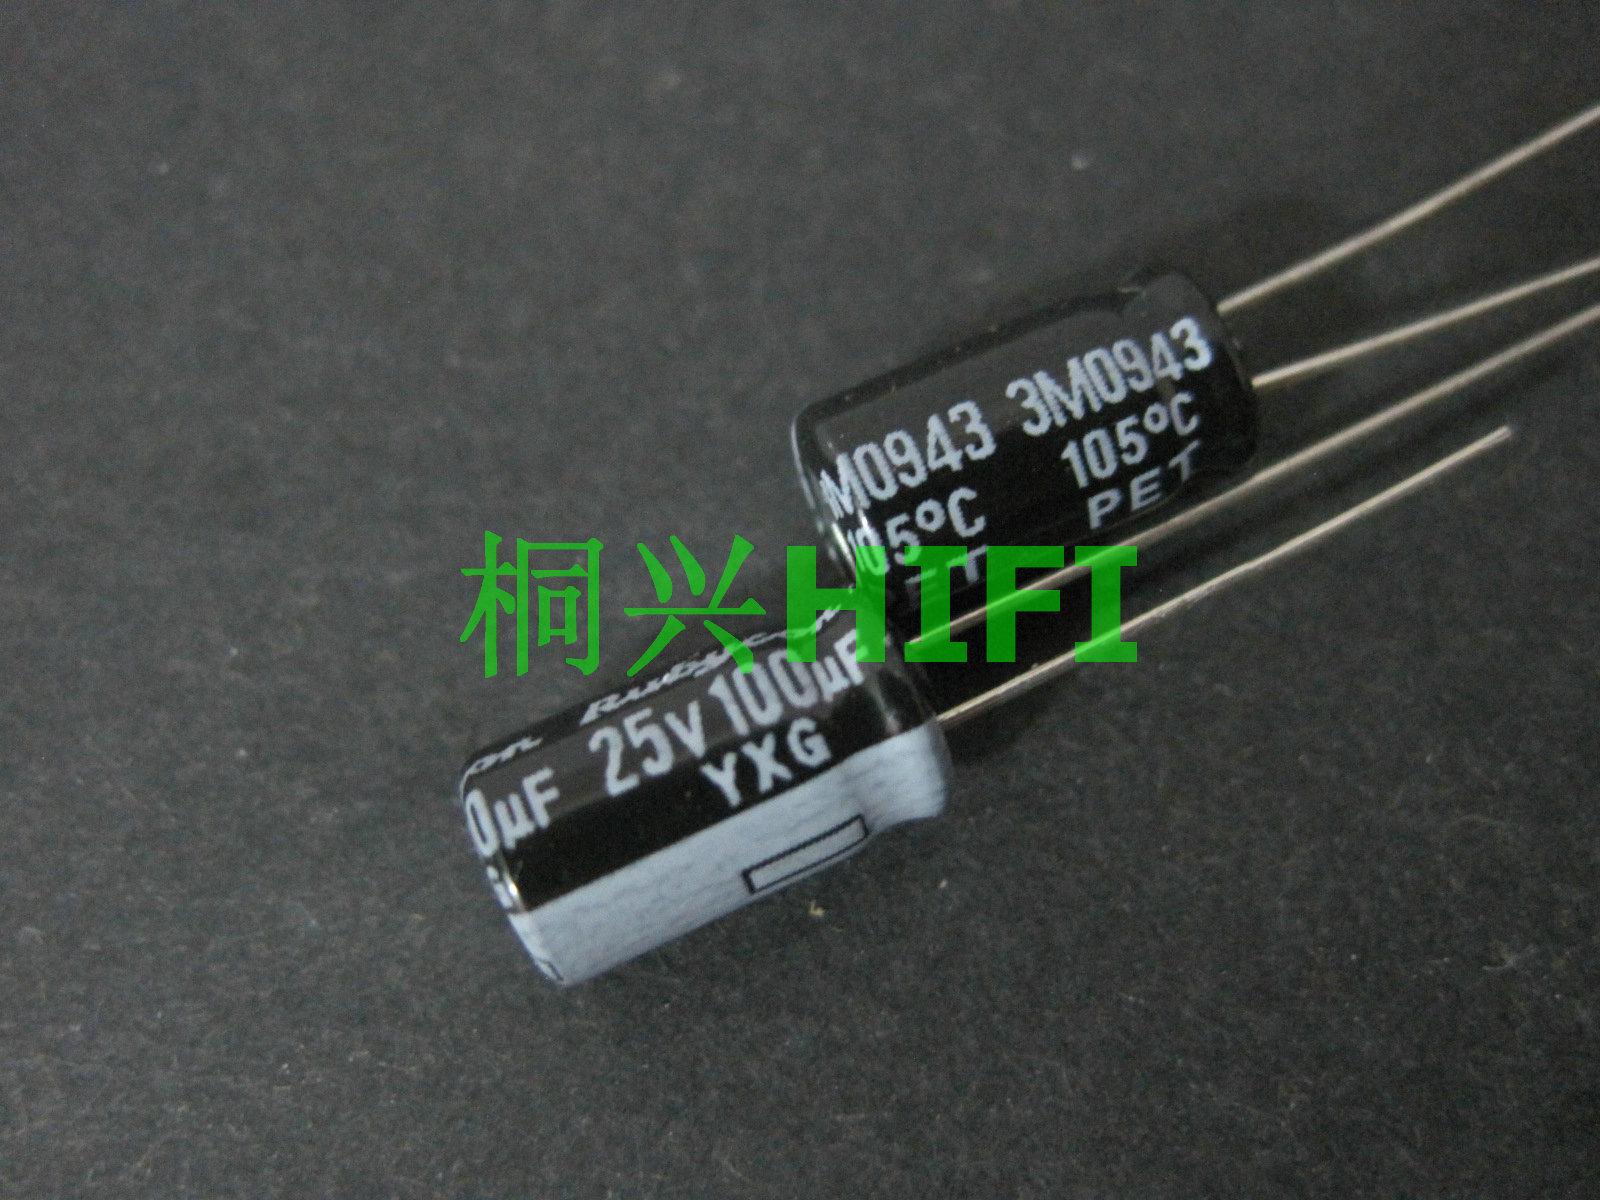 50 Uds RUBYCON yxg 100uf 25v 6,3x11 MM condensador electrolítico YXG 25V100UF de alta frecuencia de baja resistencia larga vida 100uF 25v